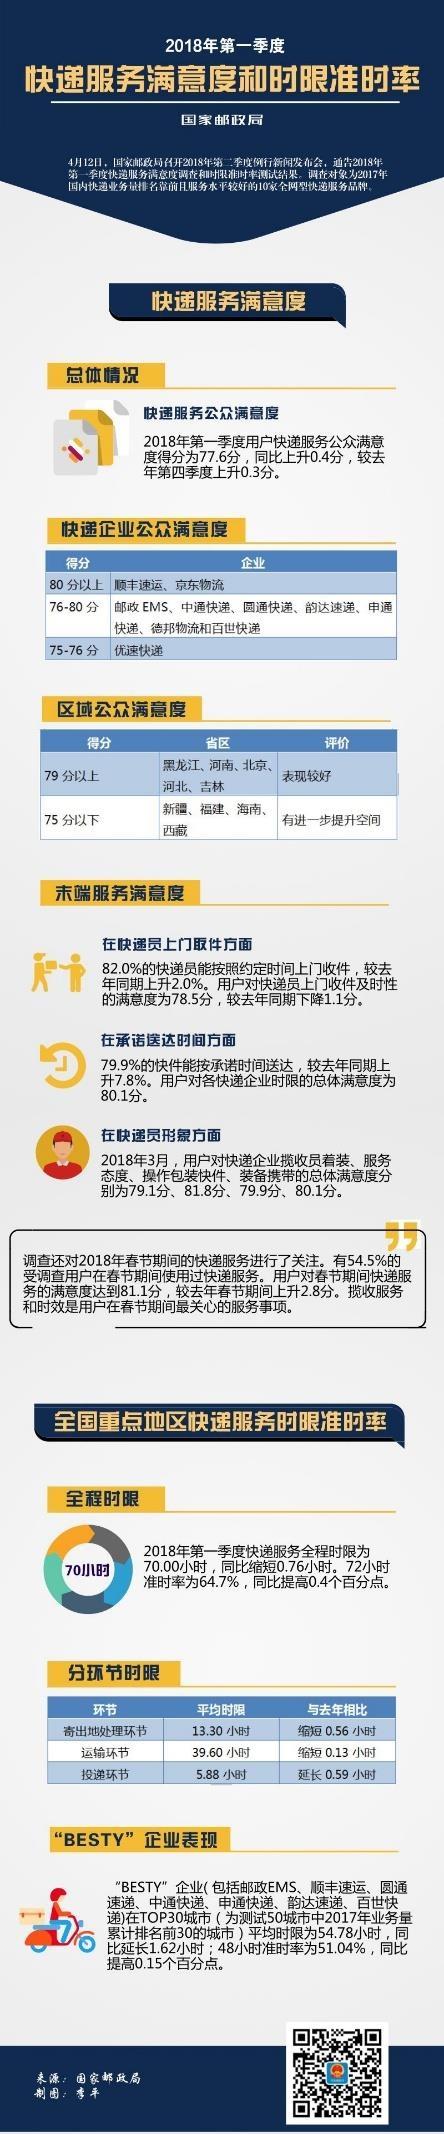 2018一季度快递满意度排名:京东物流、顺丰位列第一阵营